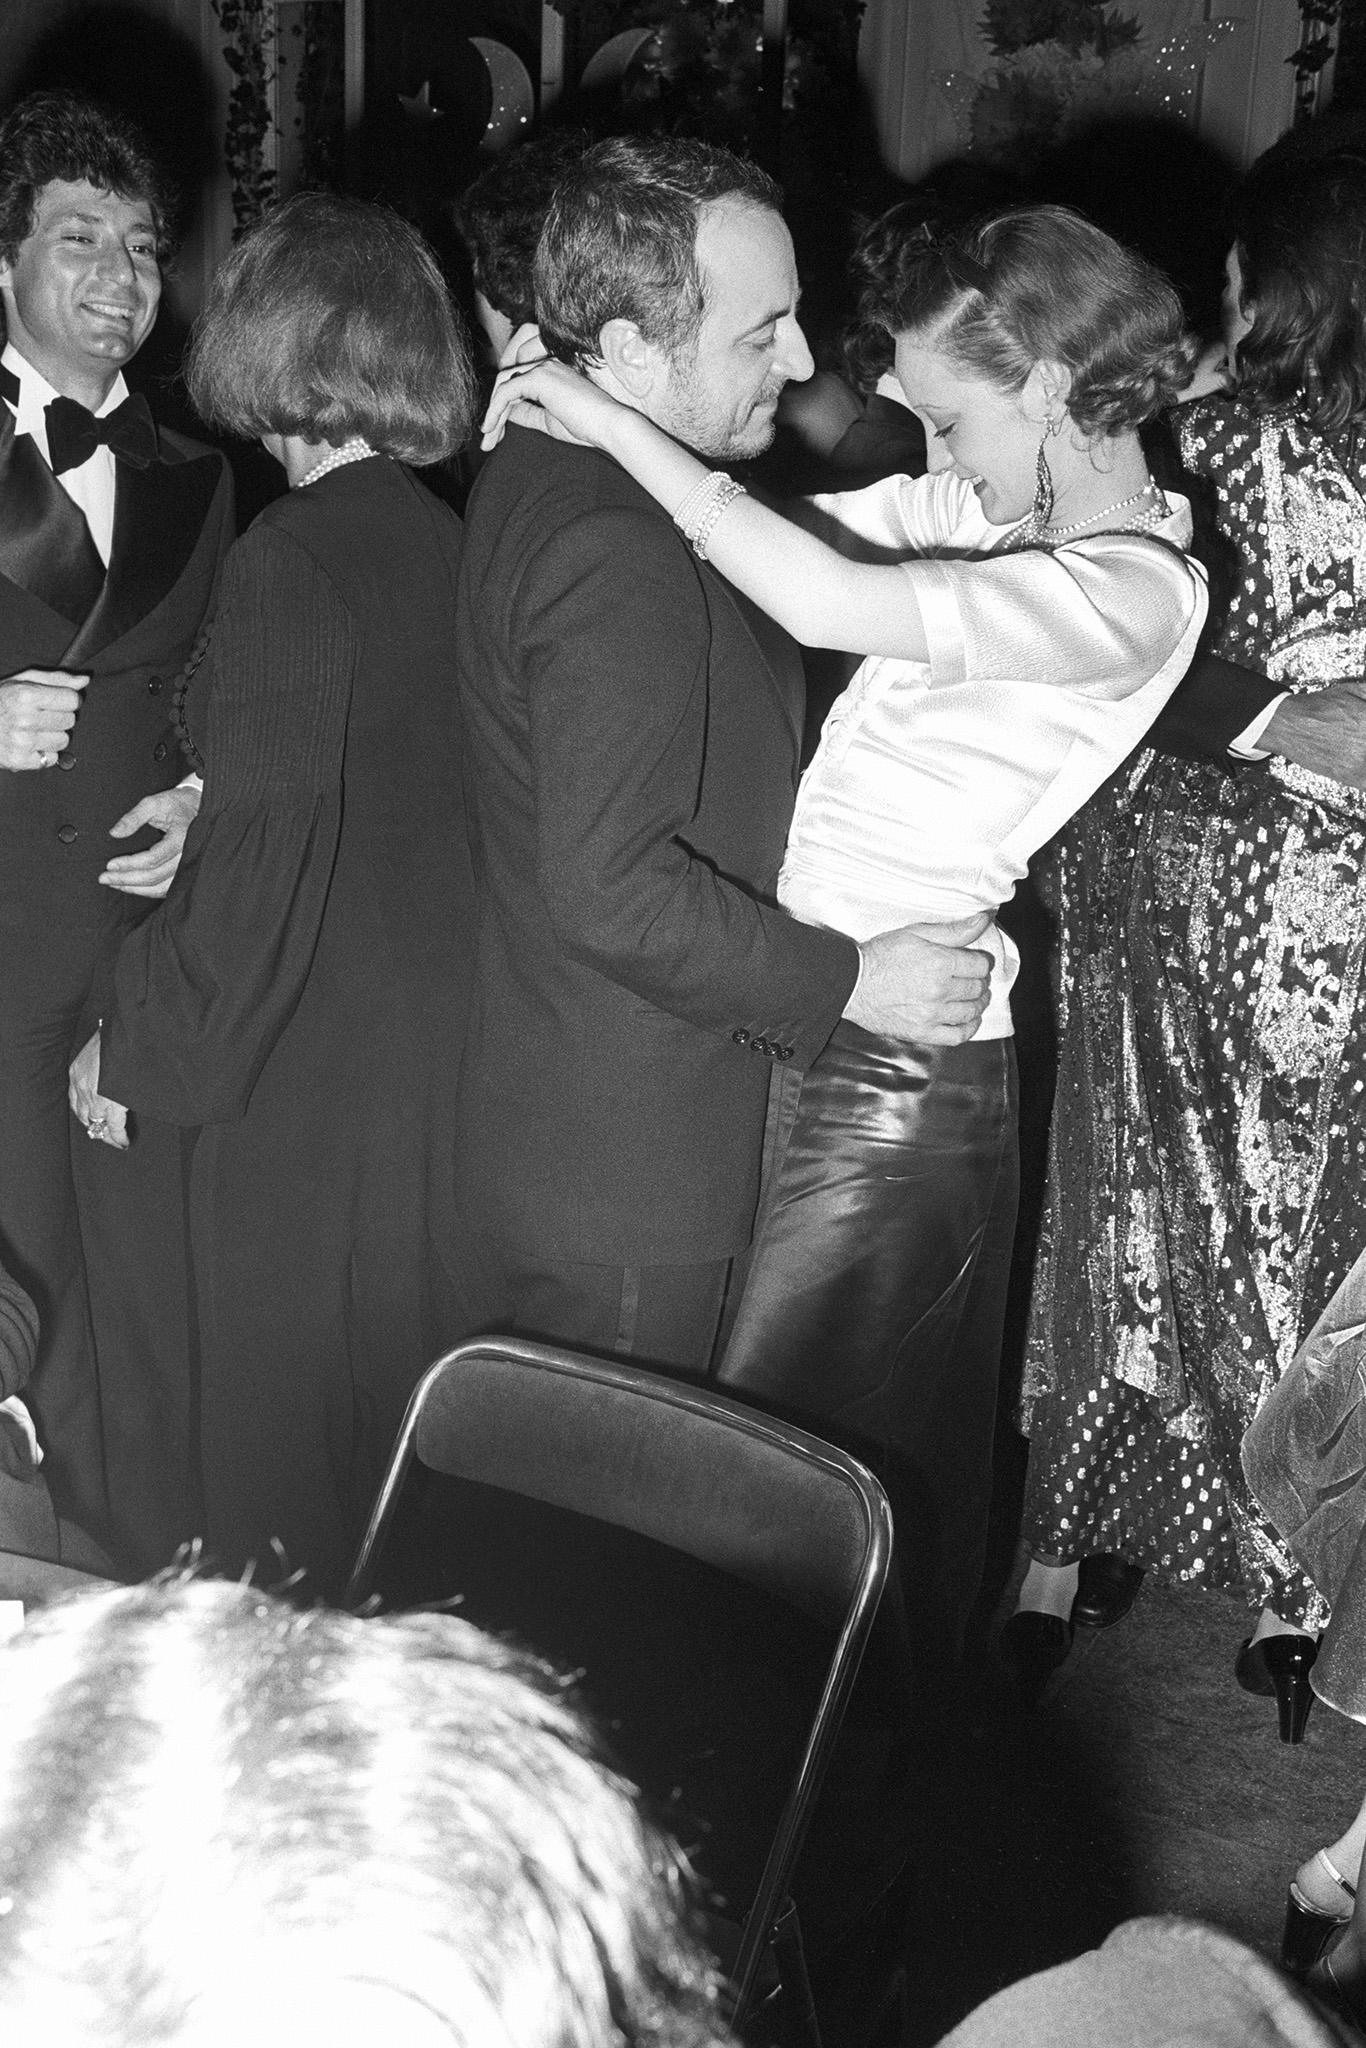 Loulou de La Falaise and Pierre BergŽ dance at a party in Paris for The Paris Party People.